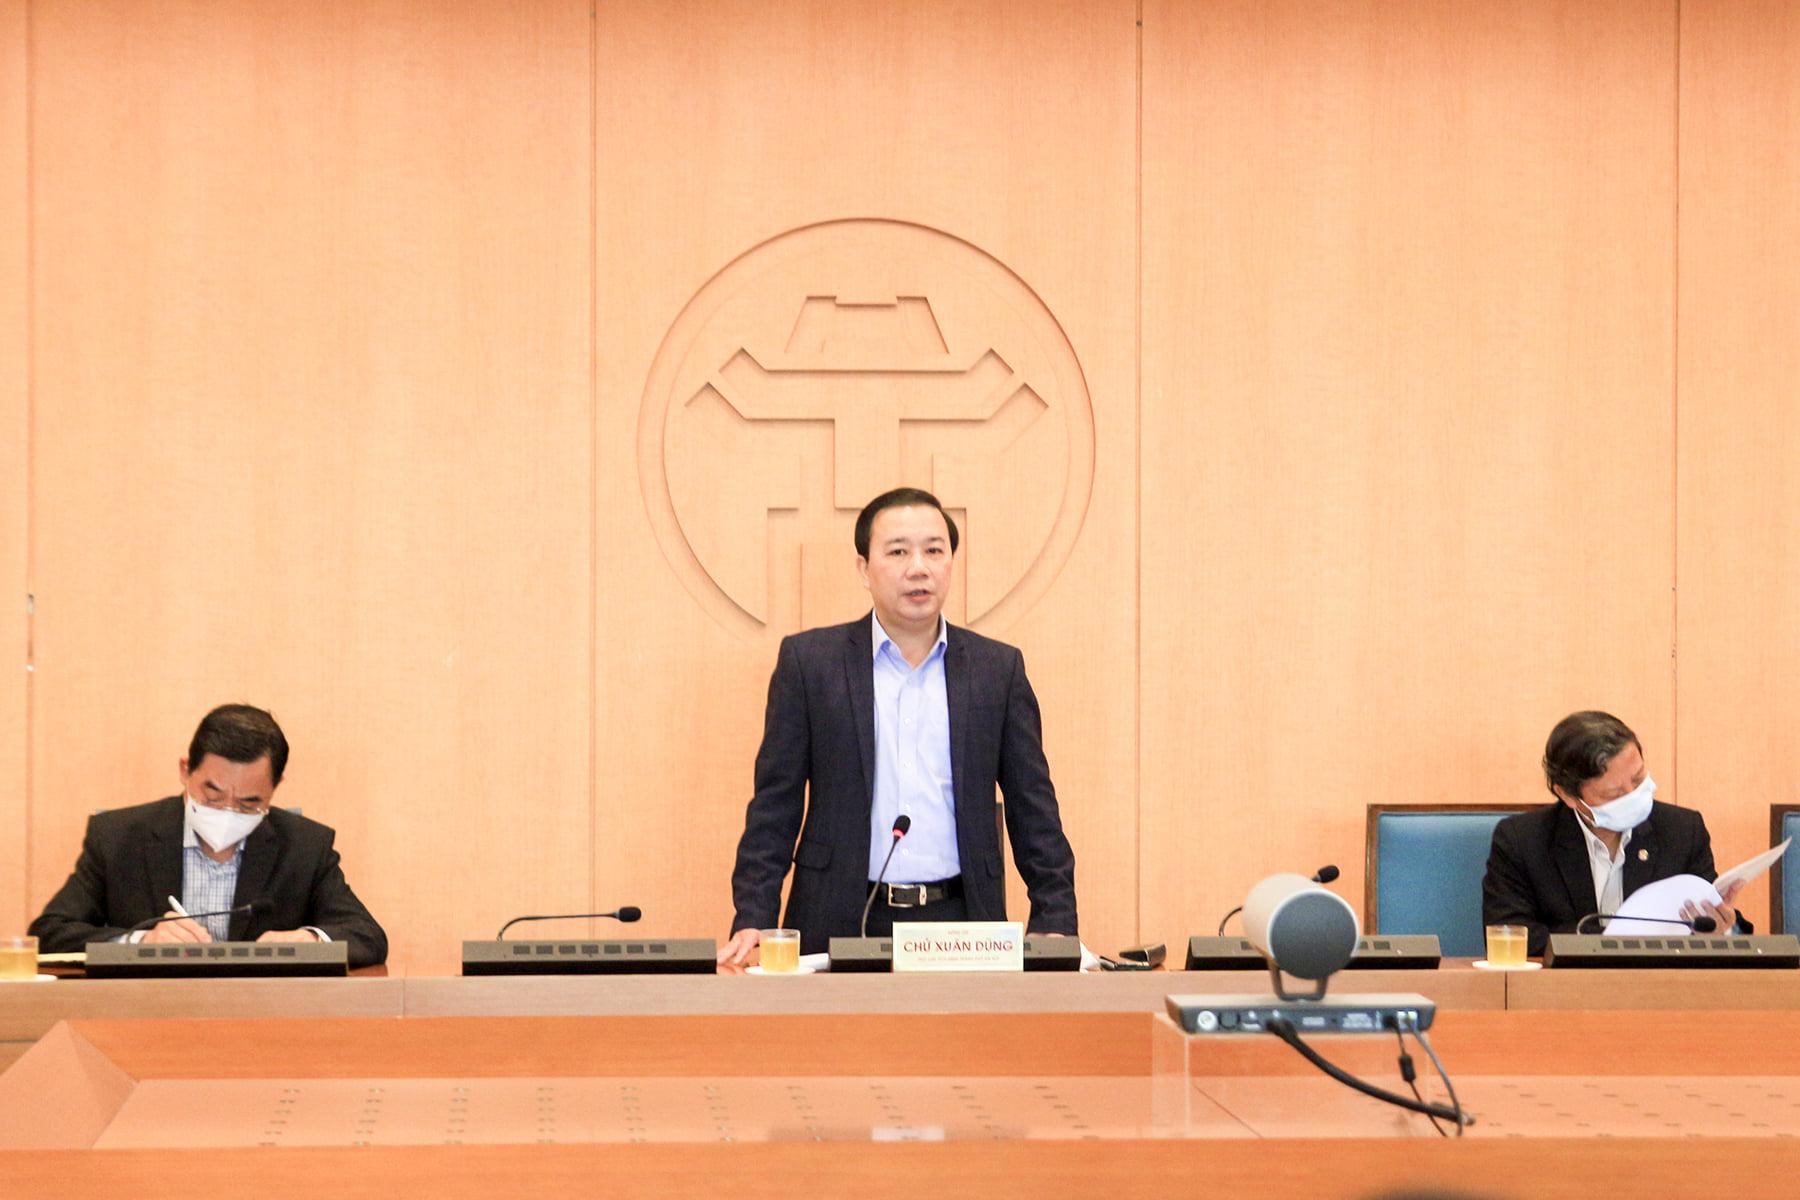 Hà Nội: Xử phạt nghiêm các trường hợp cố tình khai về từ Hải Dương để được xét nghiệm